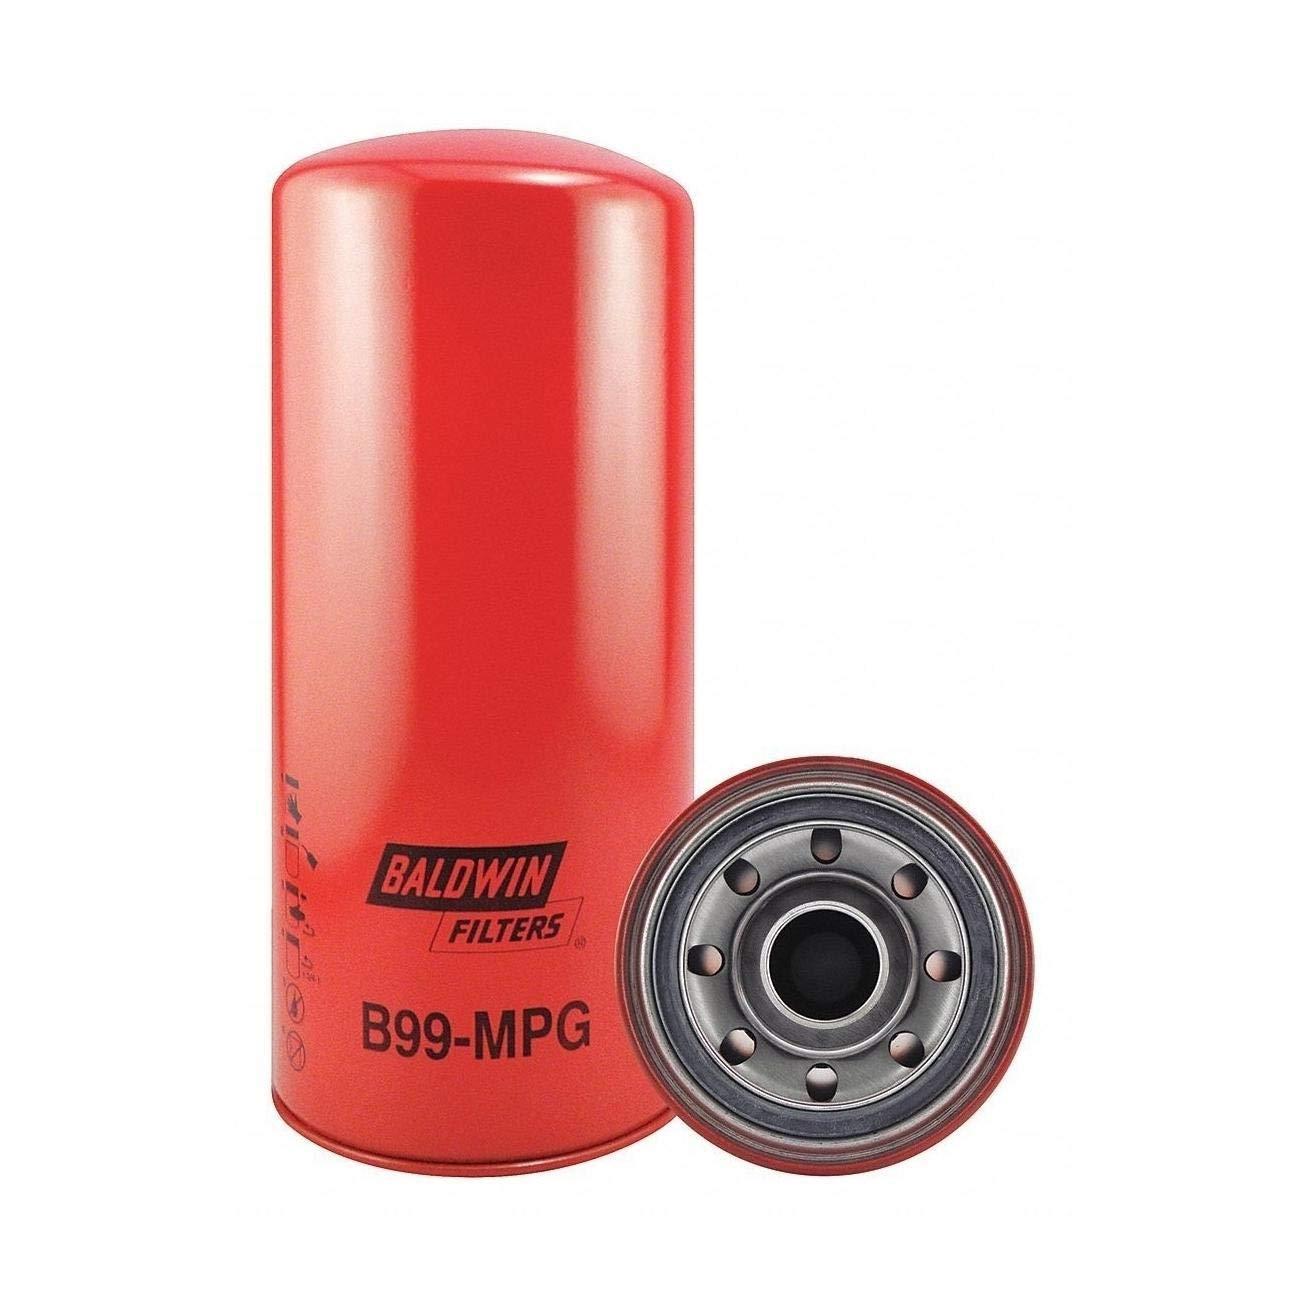 Baldwin Filter B99-MPG, Full-Flow Oil Spin-on